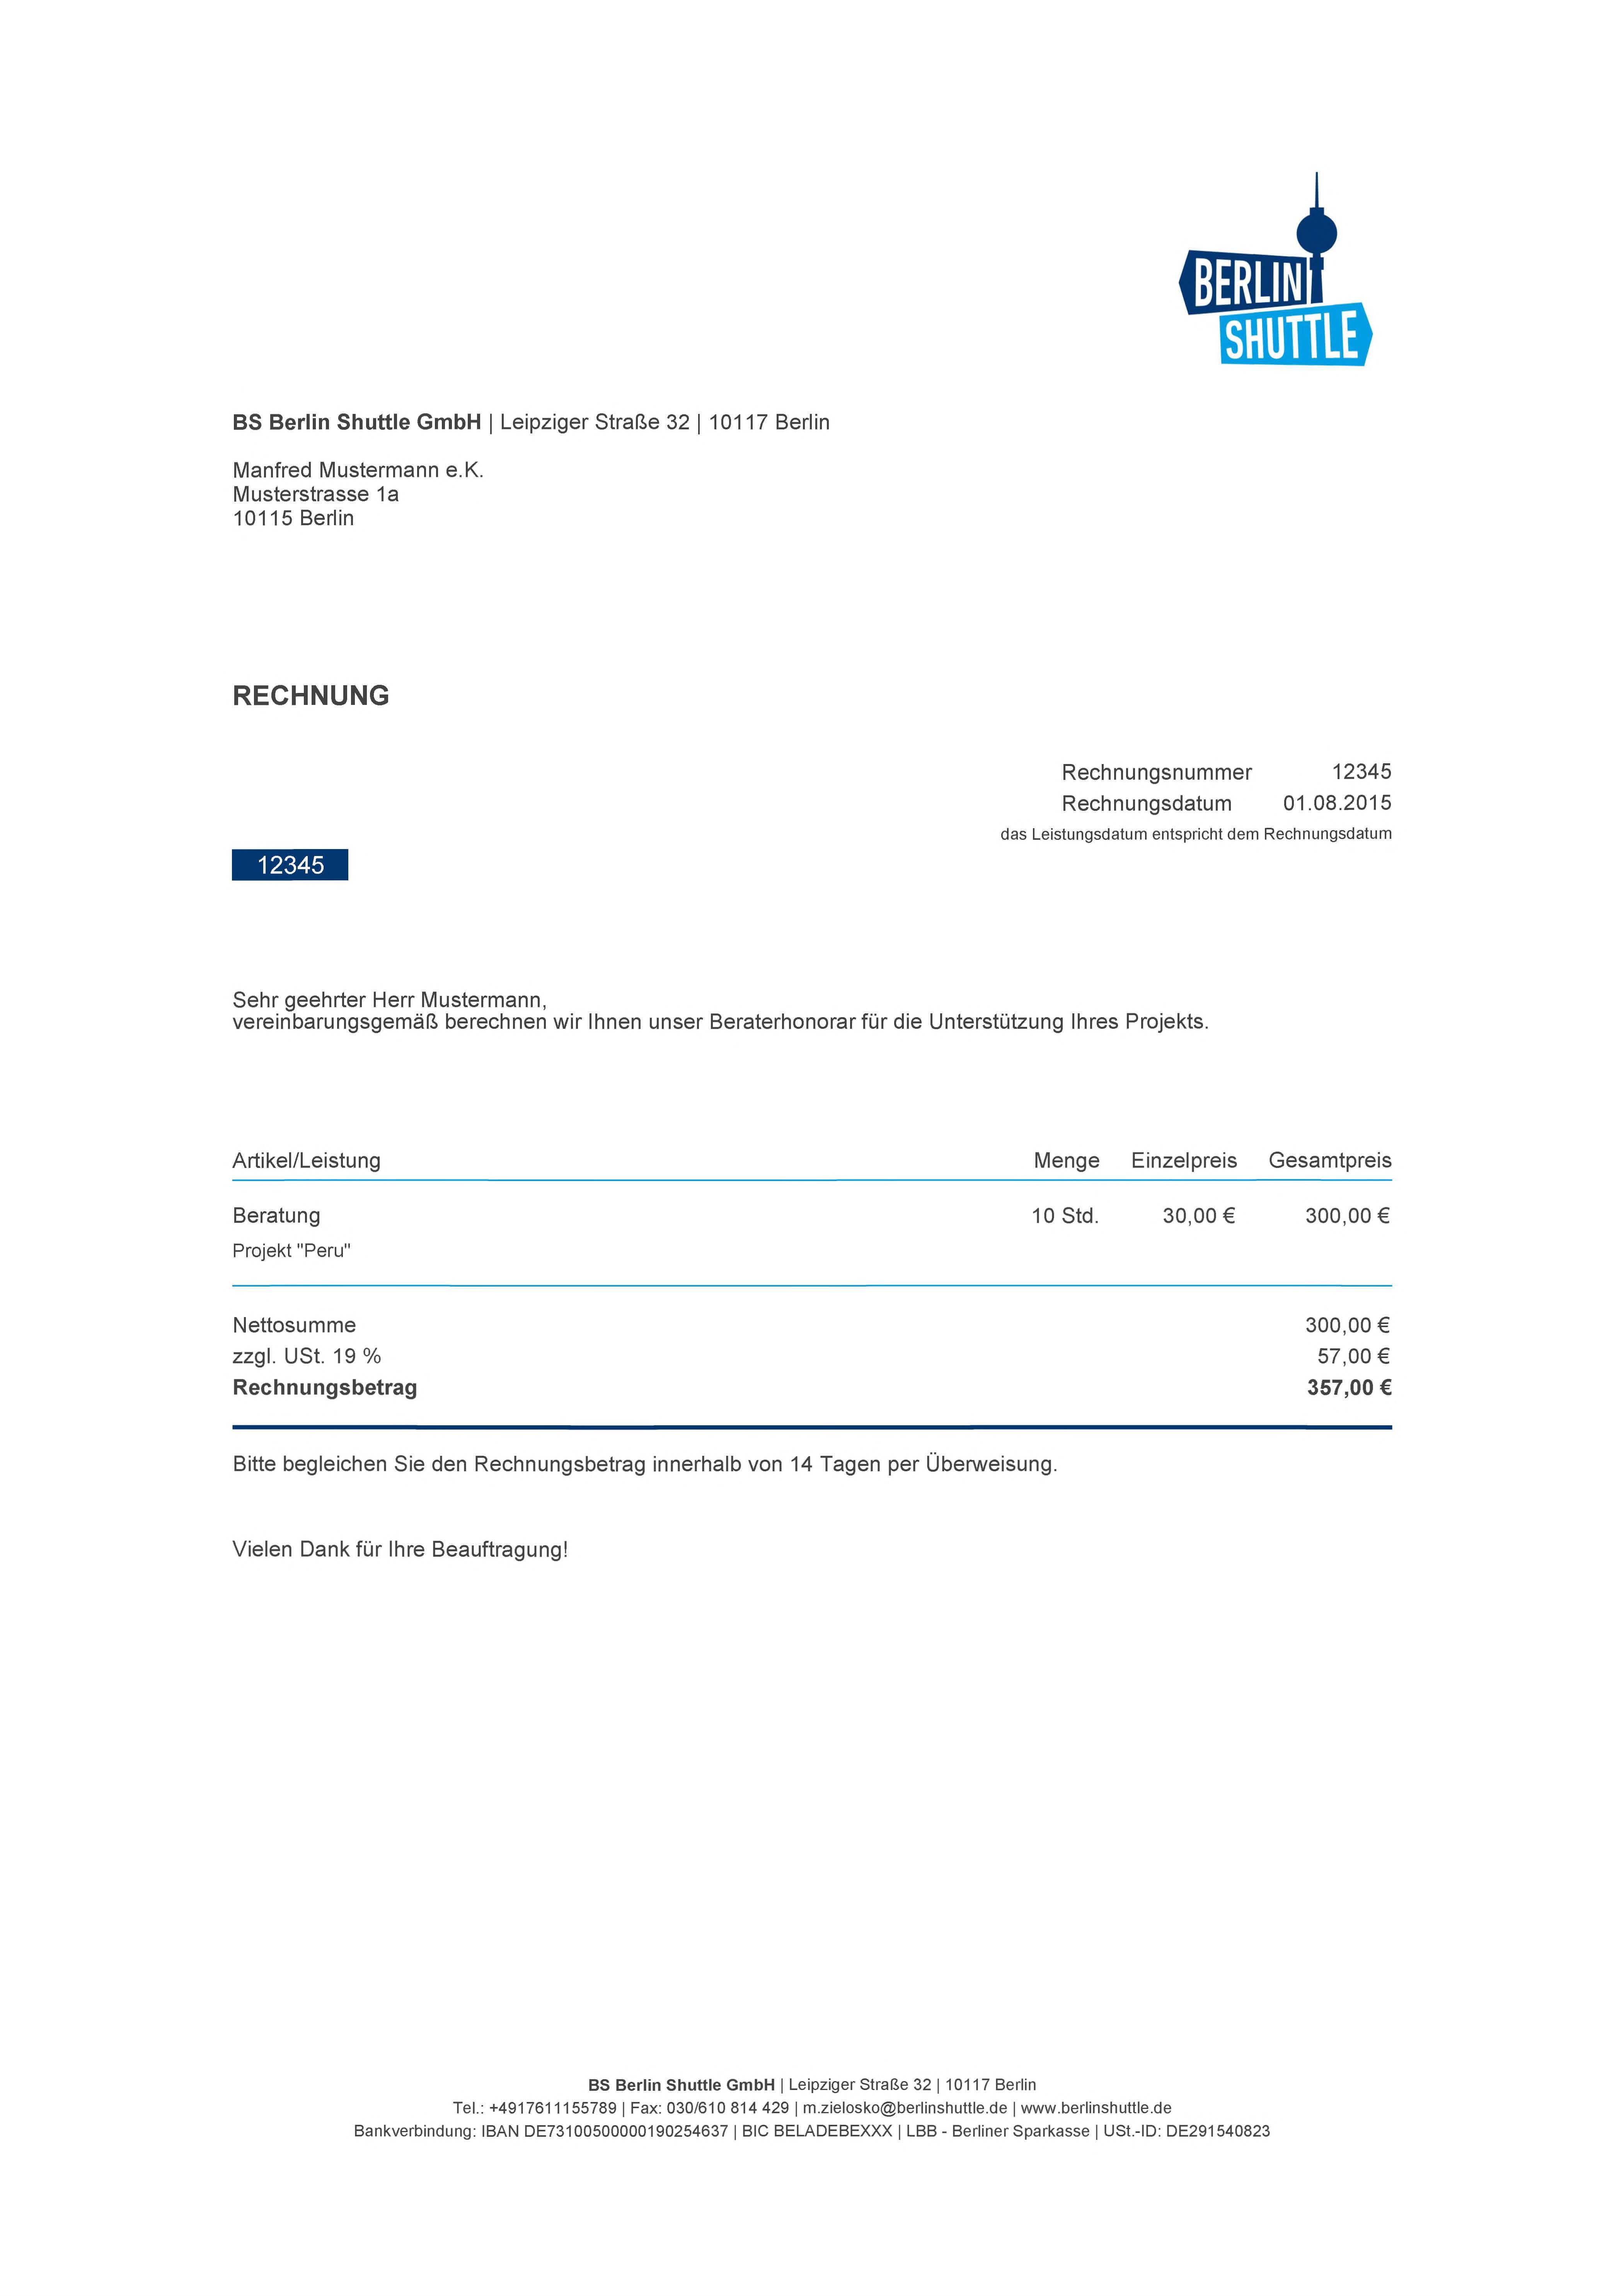 Pflichtangaben auf Rechnungen